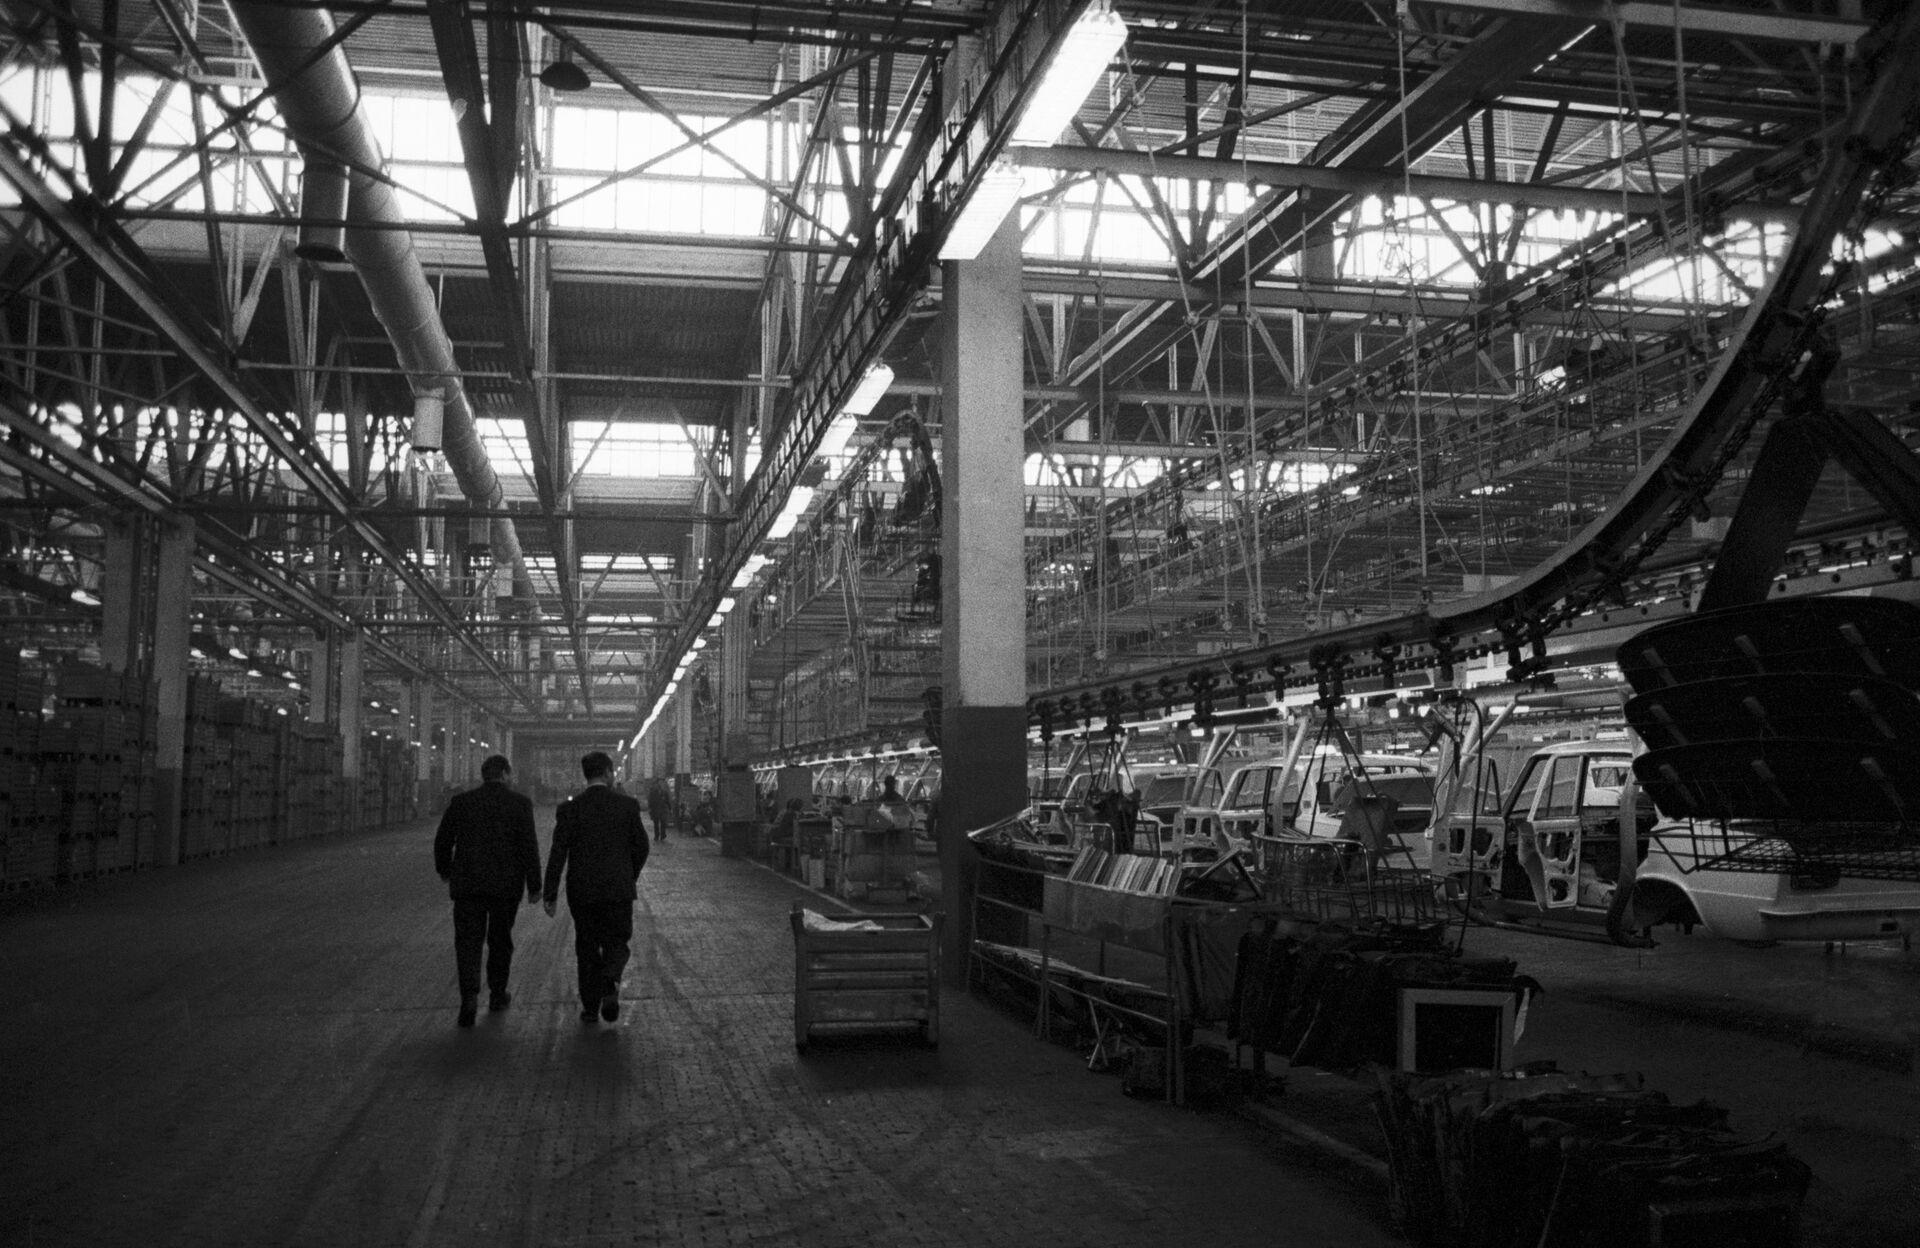 Волжский автомобильный завод (ВАЗ) в городе Тольятти - РИА Новости, 1920, 19.02.2021